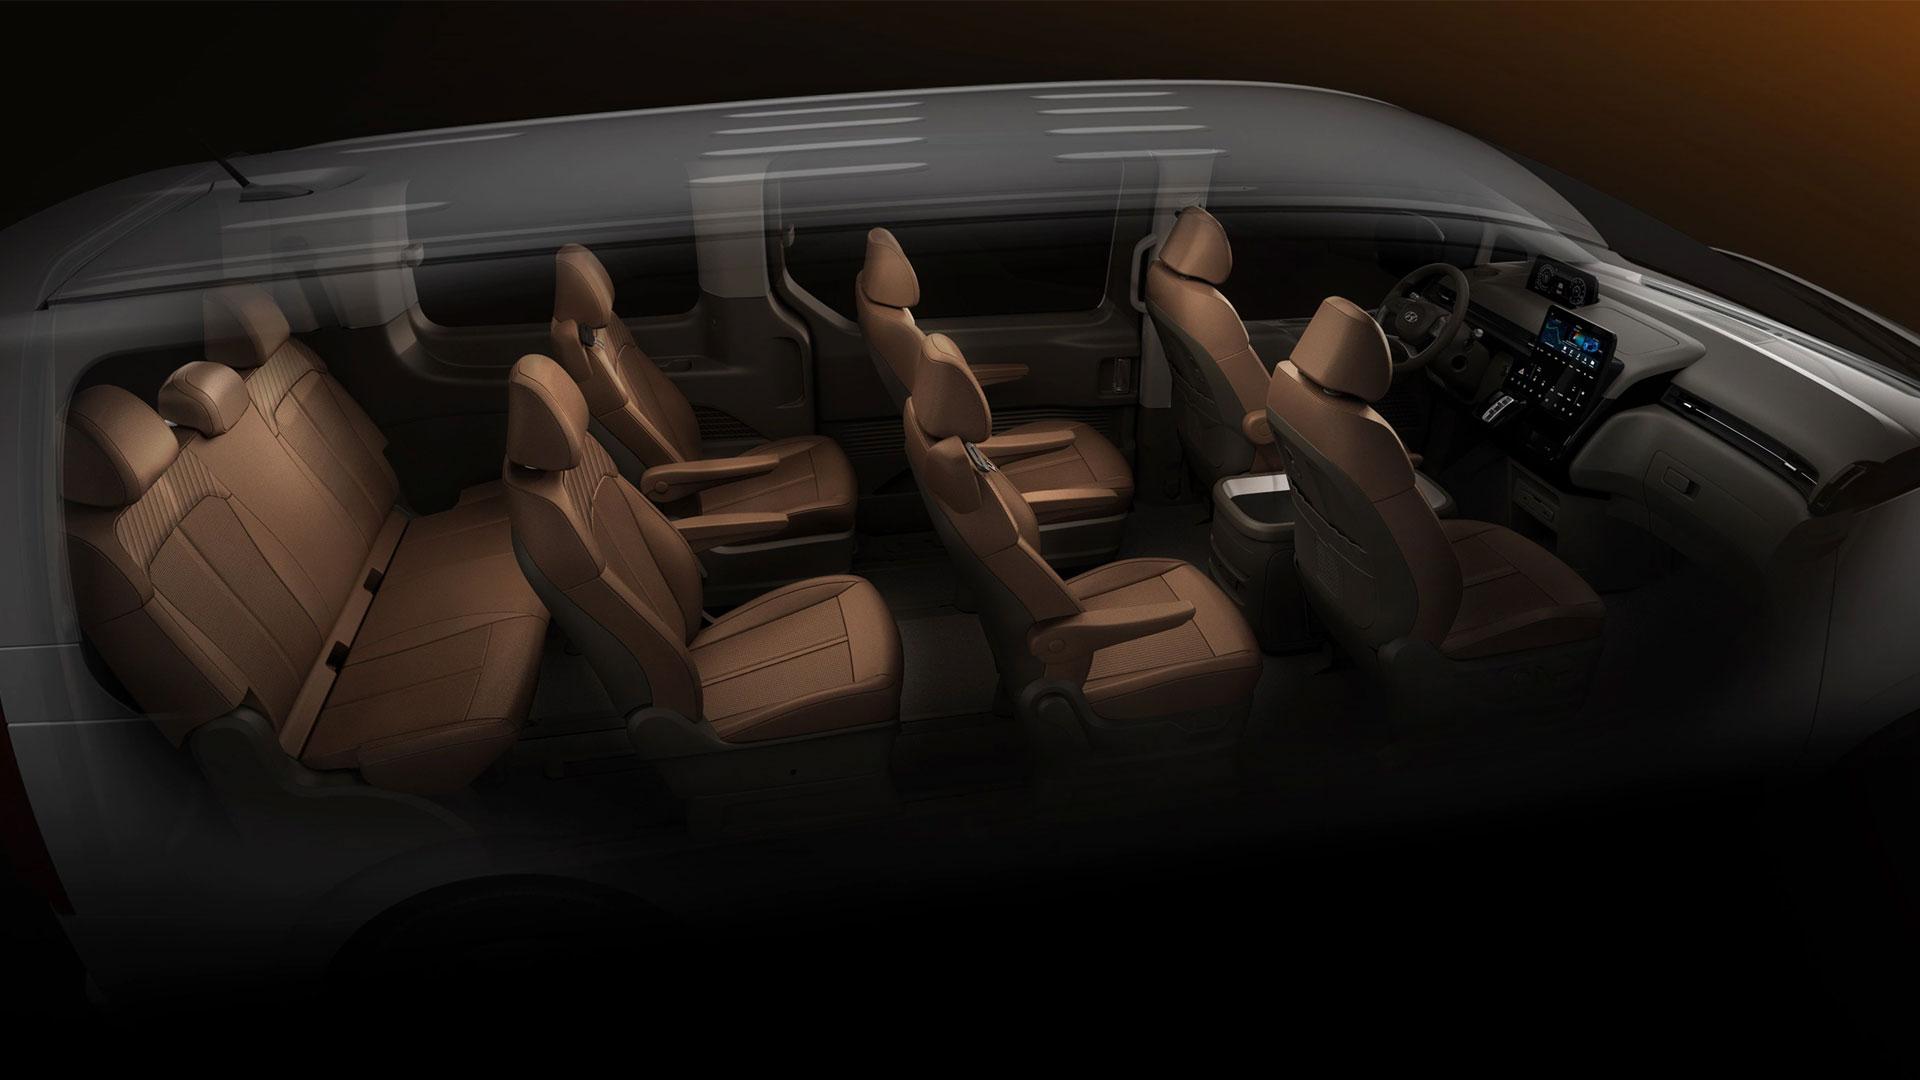 The Hyundai Staria passenger seats